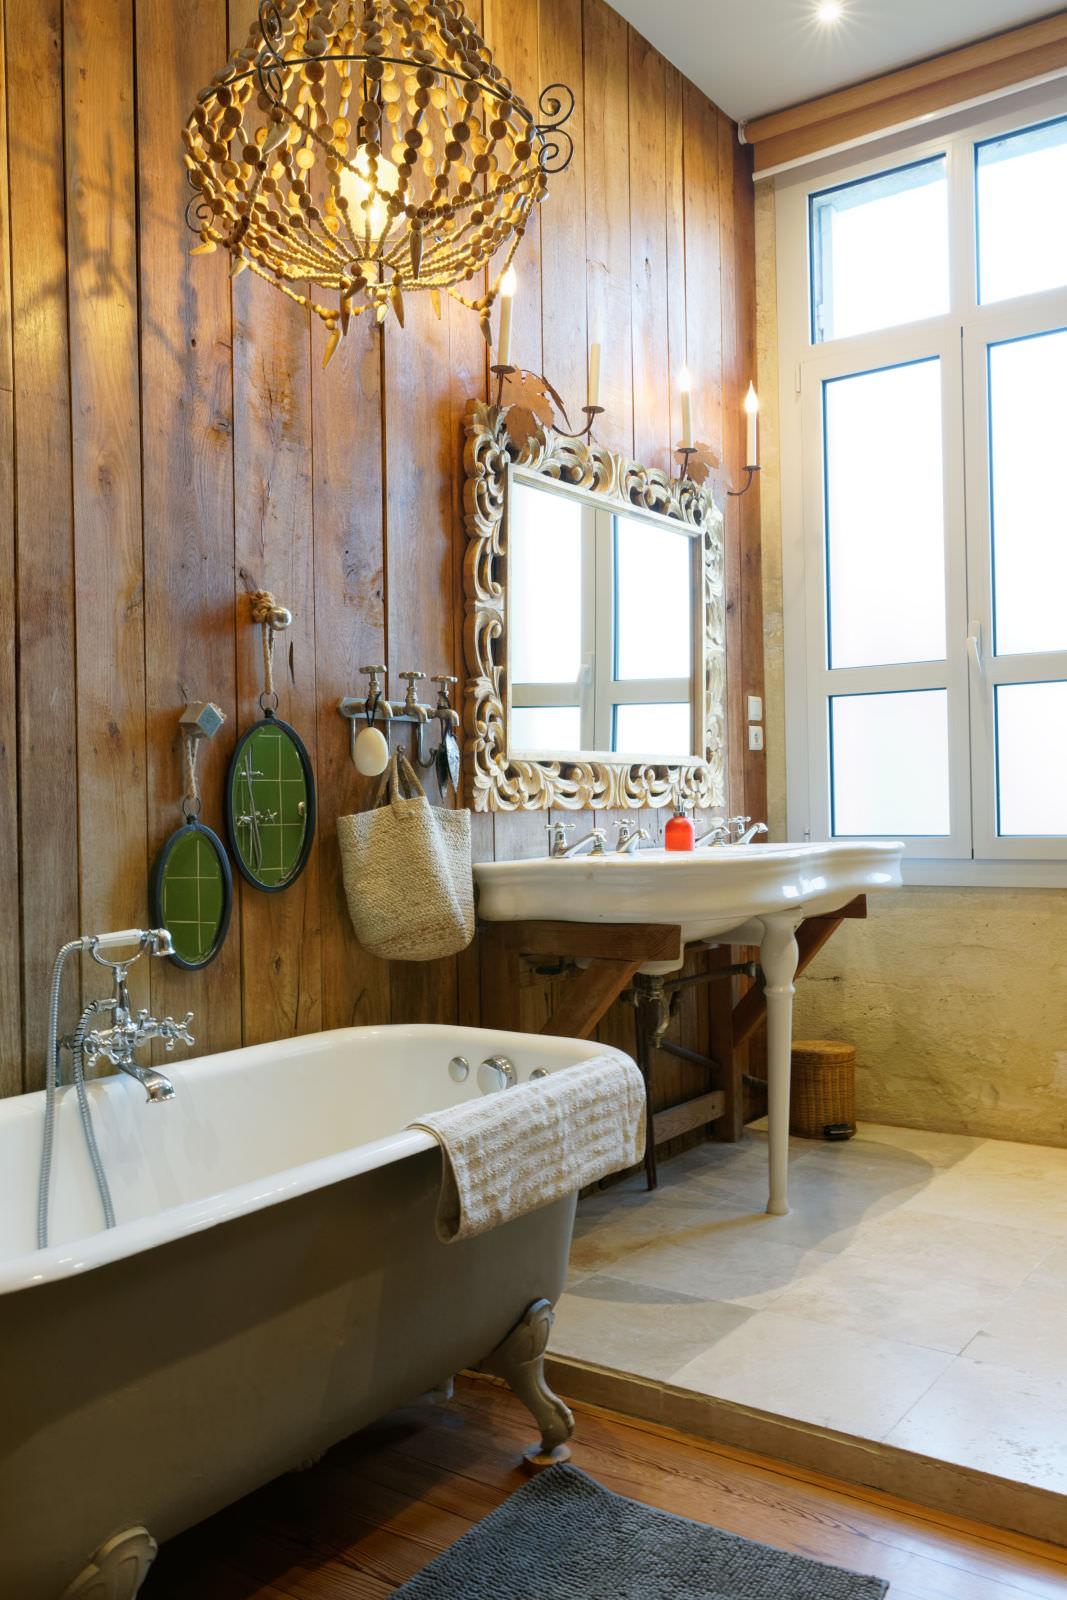 Salle de bain Design - Bathroom - rustique - photo immobilière - Thierry Pousset - Photographe professionnel - Bordeaux